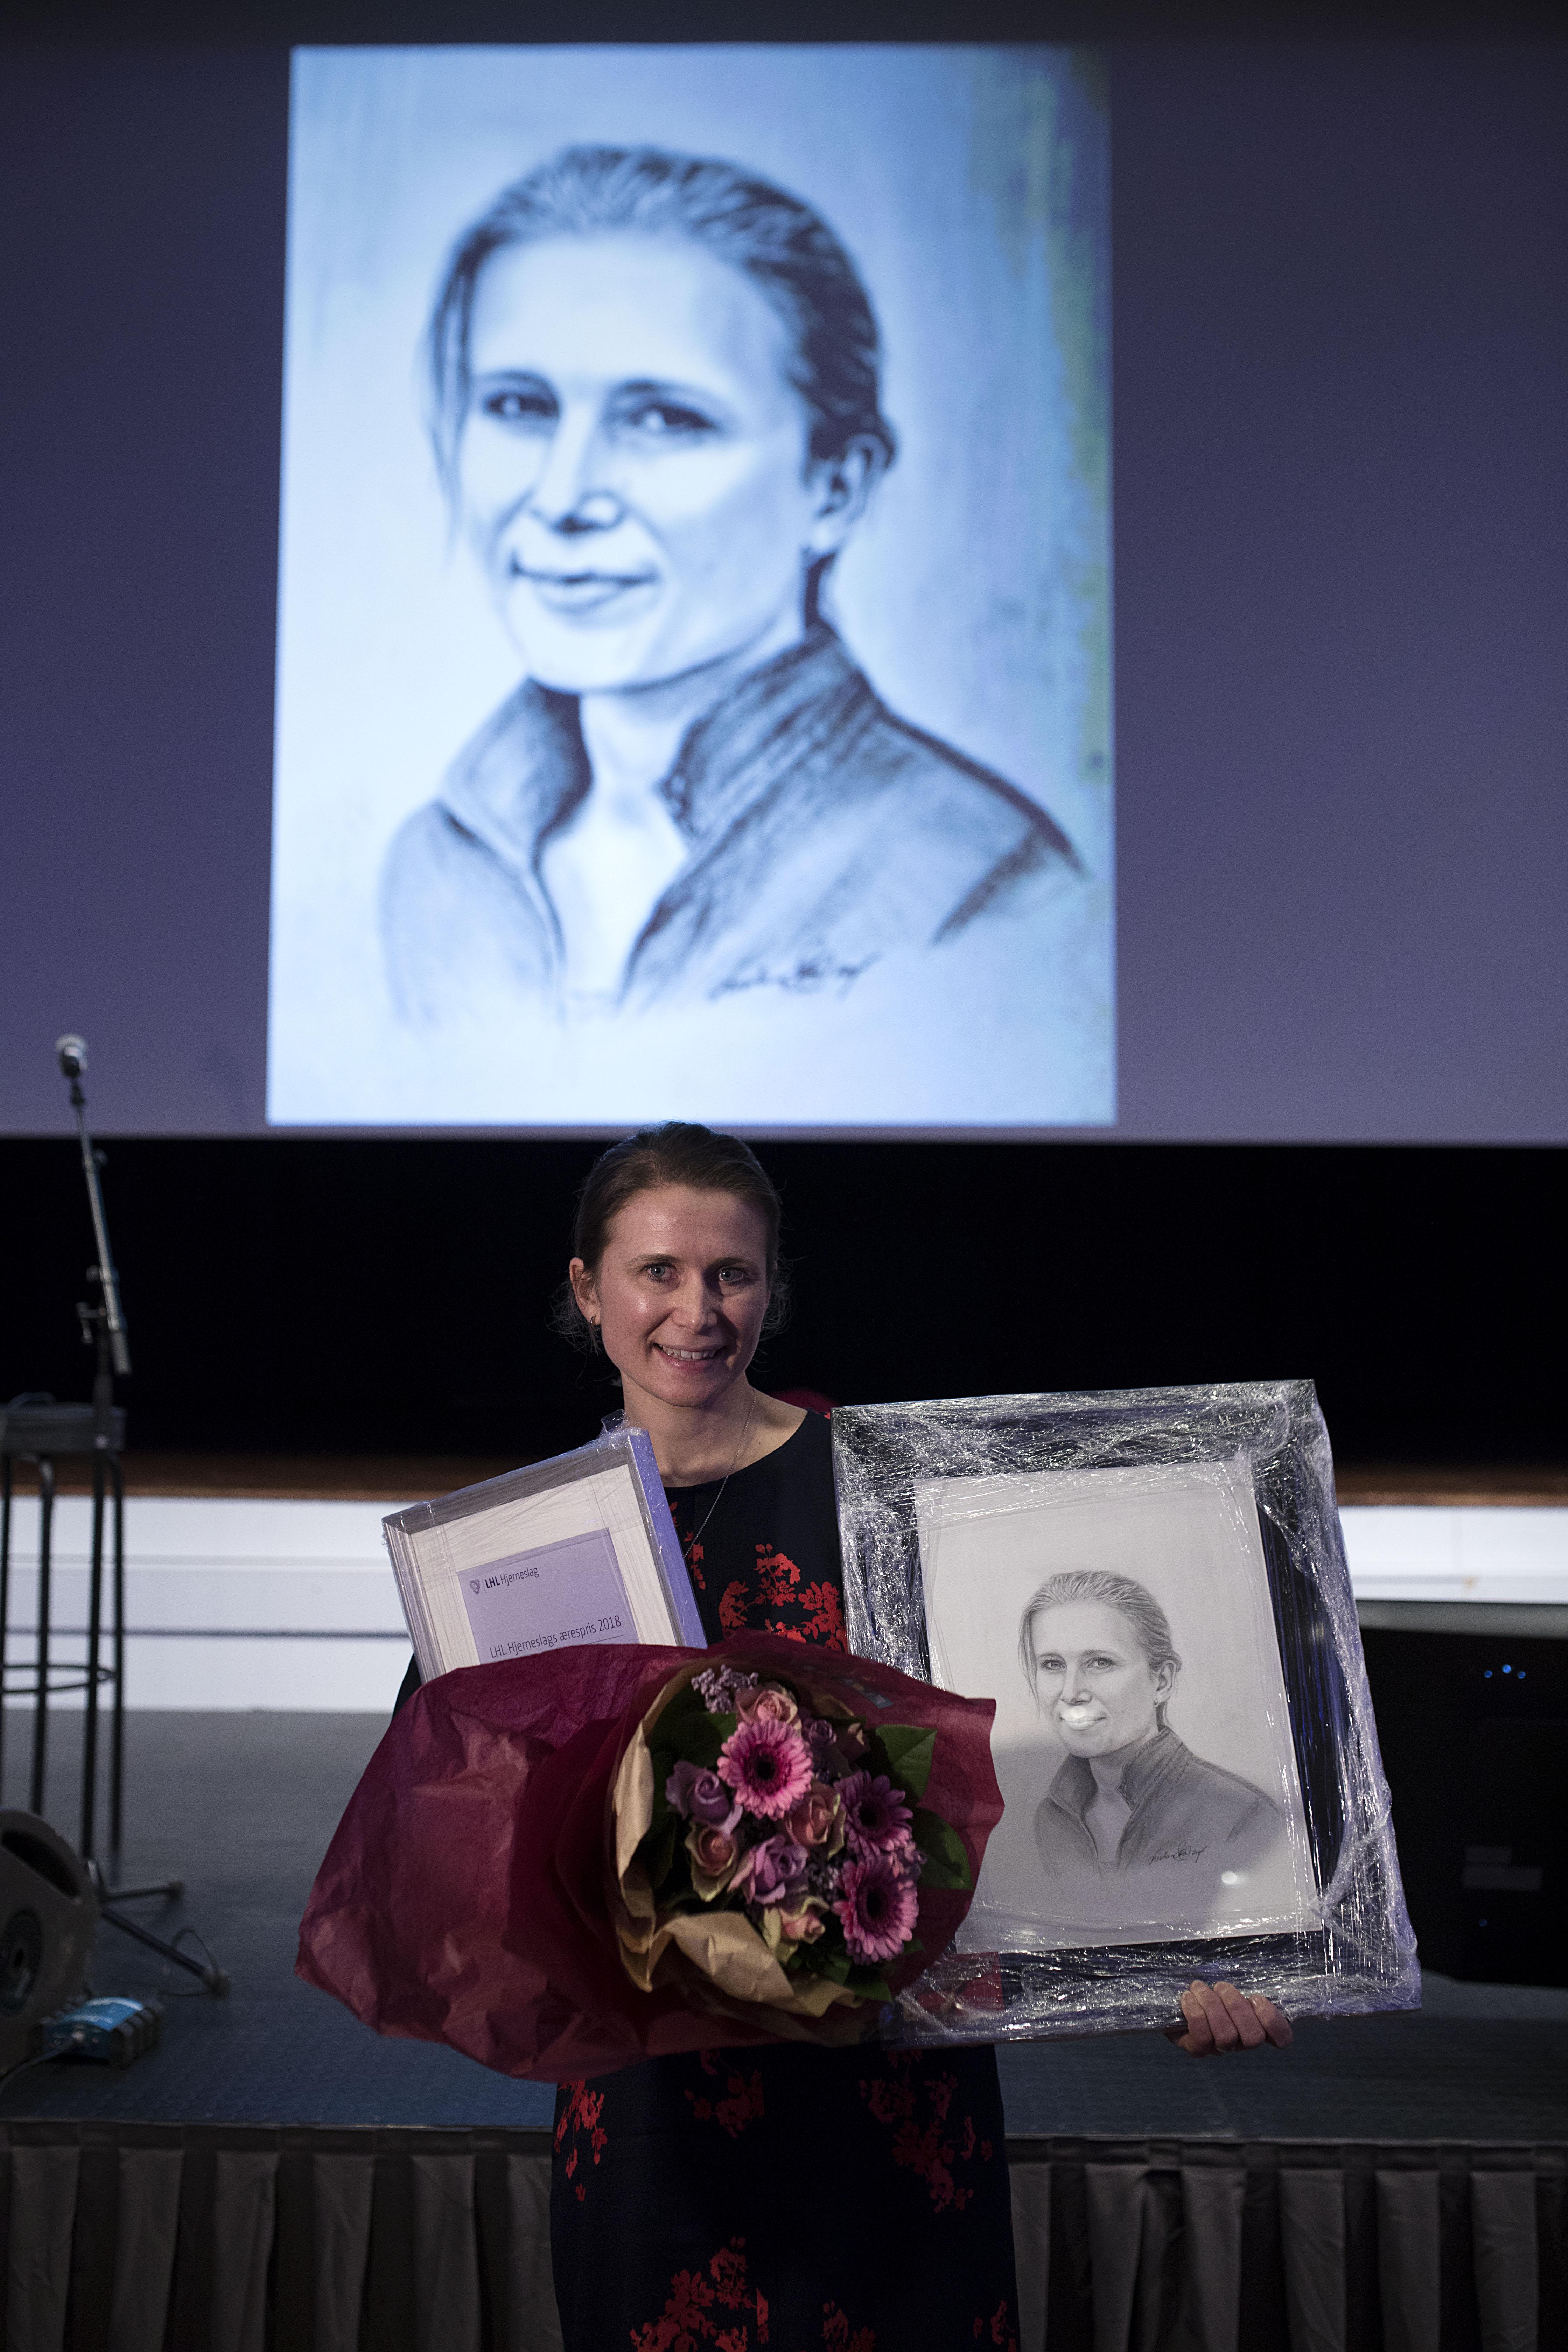 Oslo, Norge, 15.02.2018. LHL hjerneslag tildeler Maren Ranhoff Hov æresprisen. Foto: Christopher Olssøn.